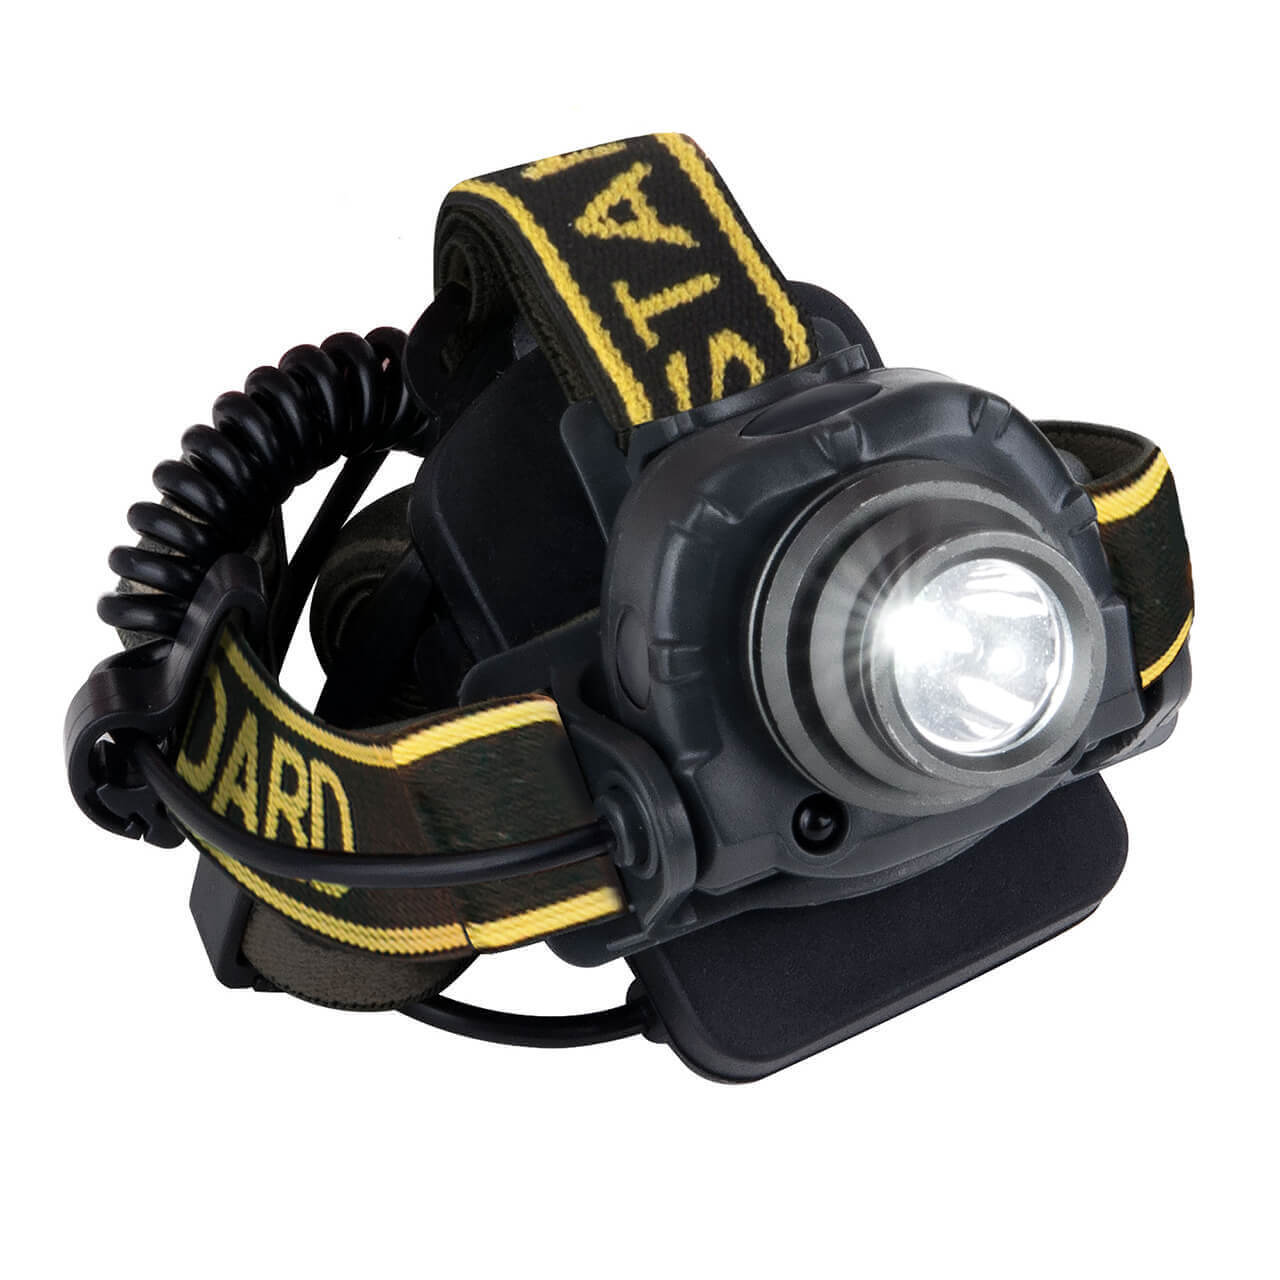 Налобный светодиодный фонарь Elektrostandard от батареек 65х42 200лм 4690389125577 фонарь fenix hl15 черный налобный 2xааа 4режима белого 2режима красного 200лм